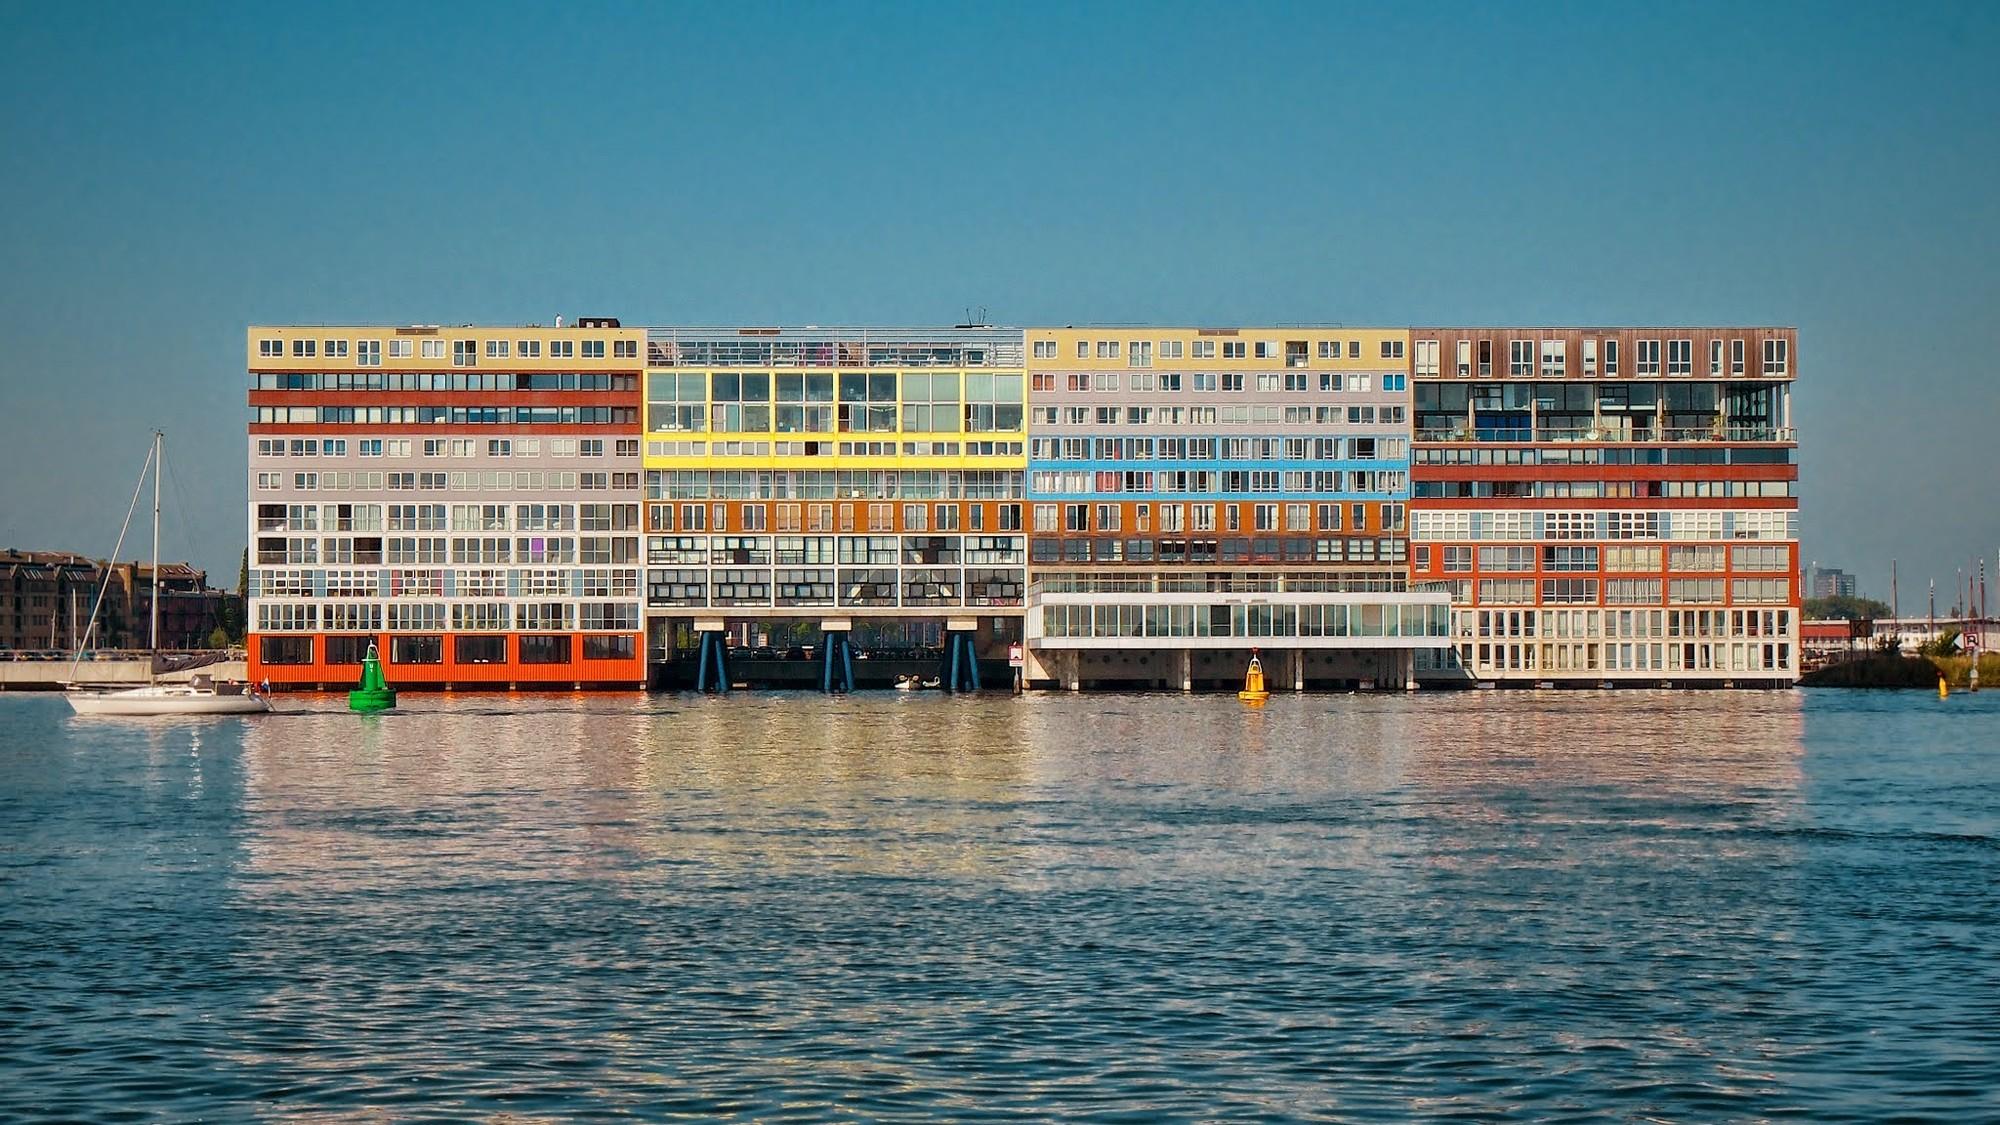 Un nuevo estilo arquitectónico para la era del individualismo, MVRDV's Silodam in Amsterdam. Image © Flickr CC User pnwbot